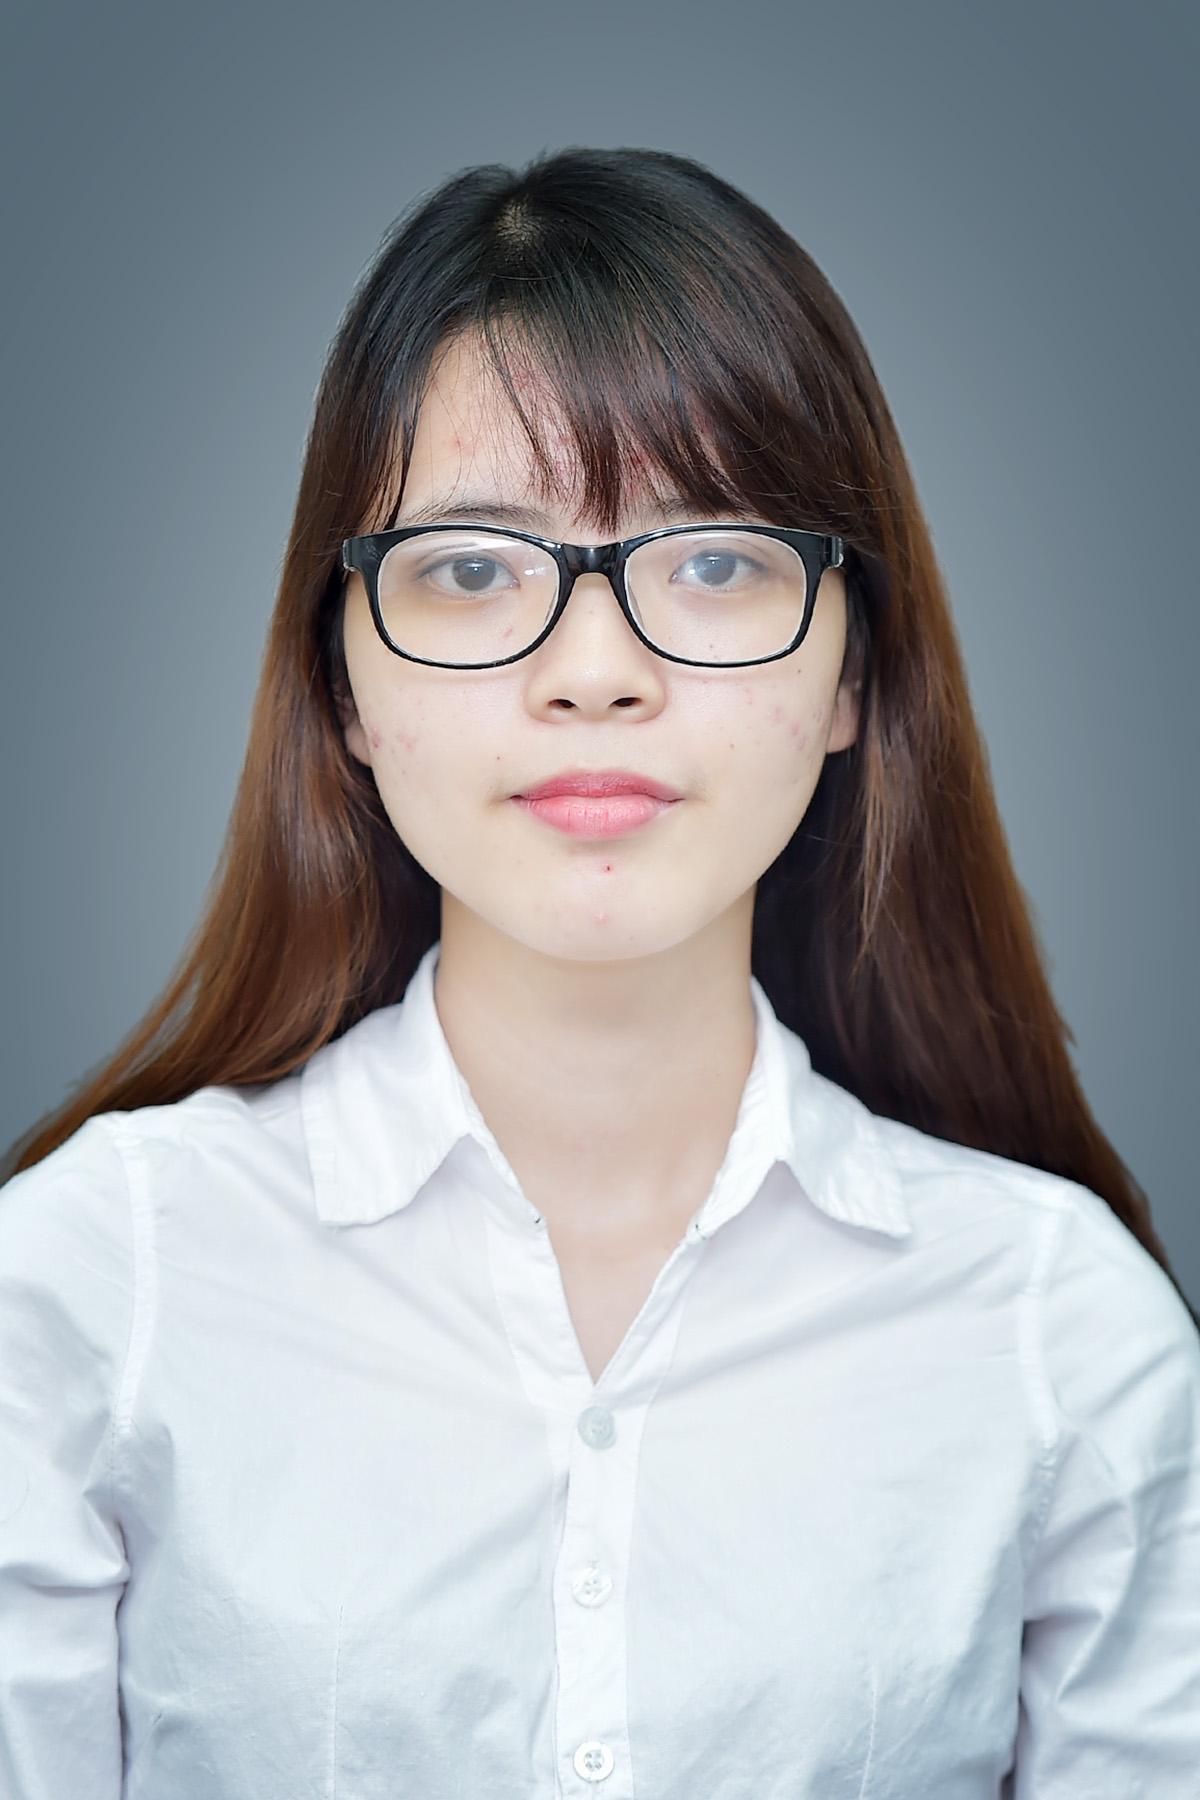 Ms Thi Trang Nguyen